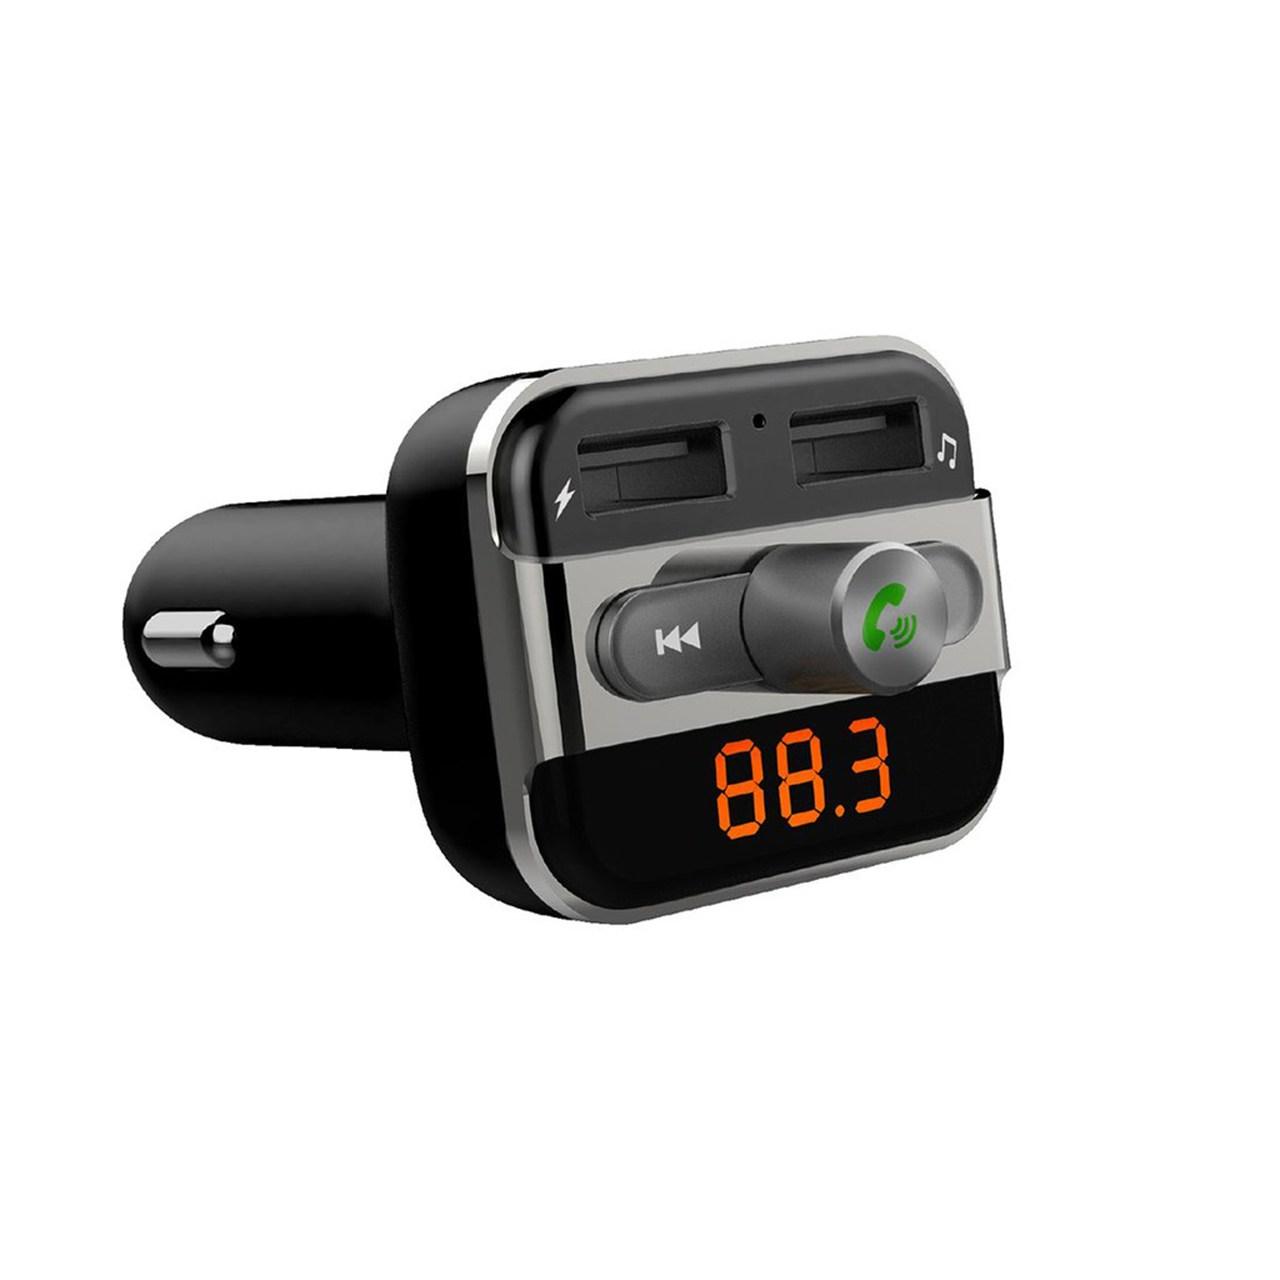 پخش کننده اف ام پرومیت مدل Multi-function Car FM Transmitte